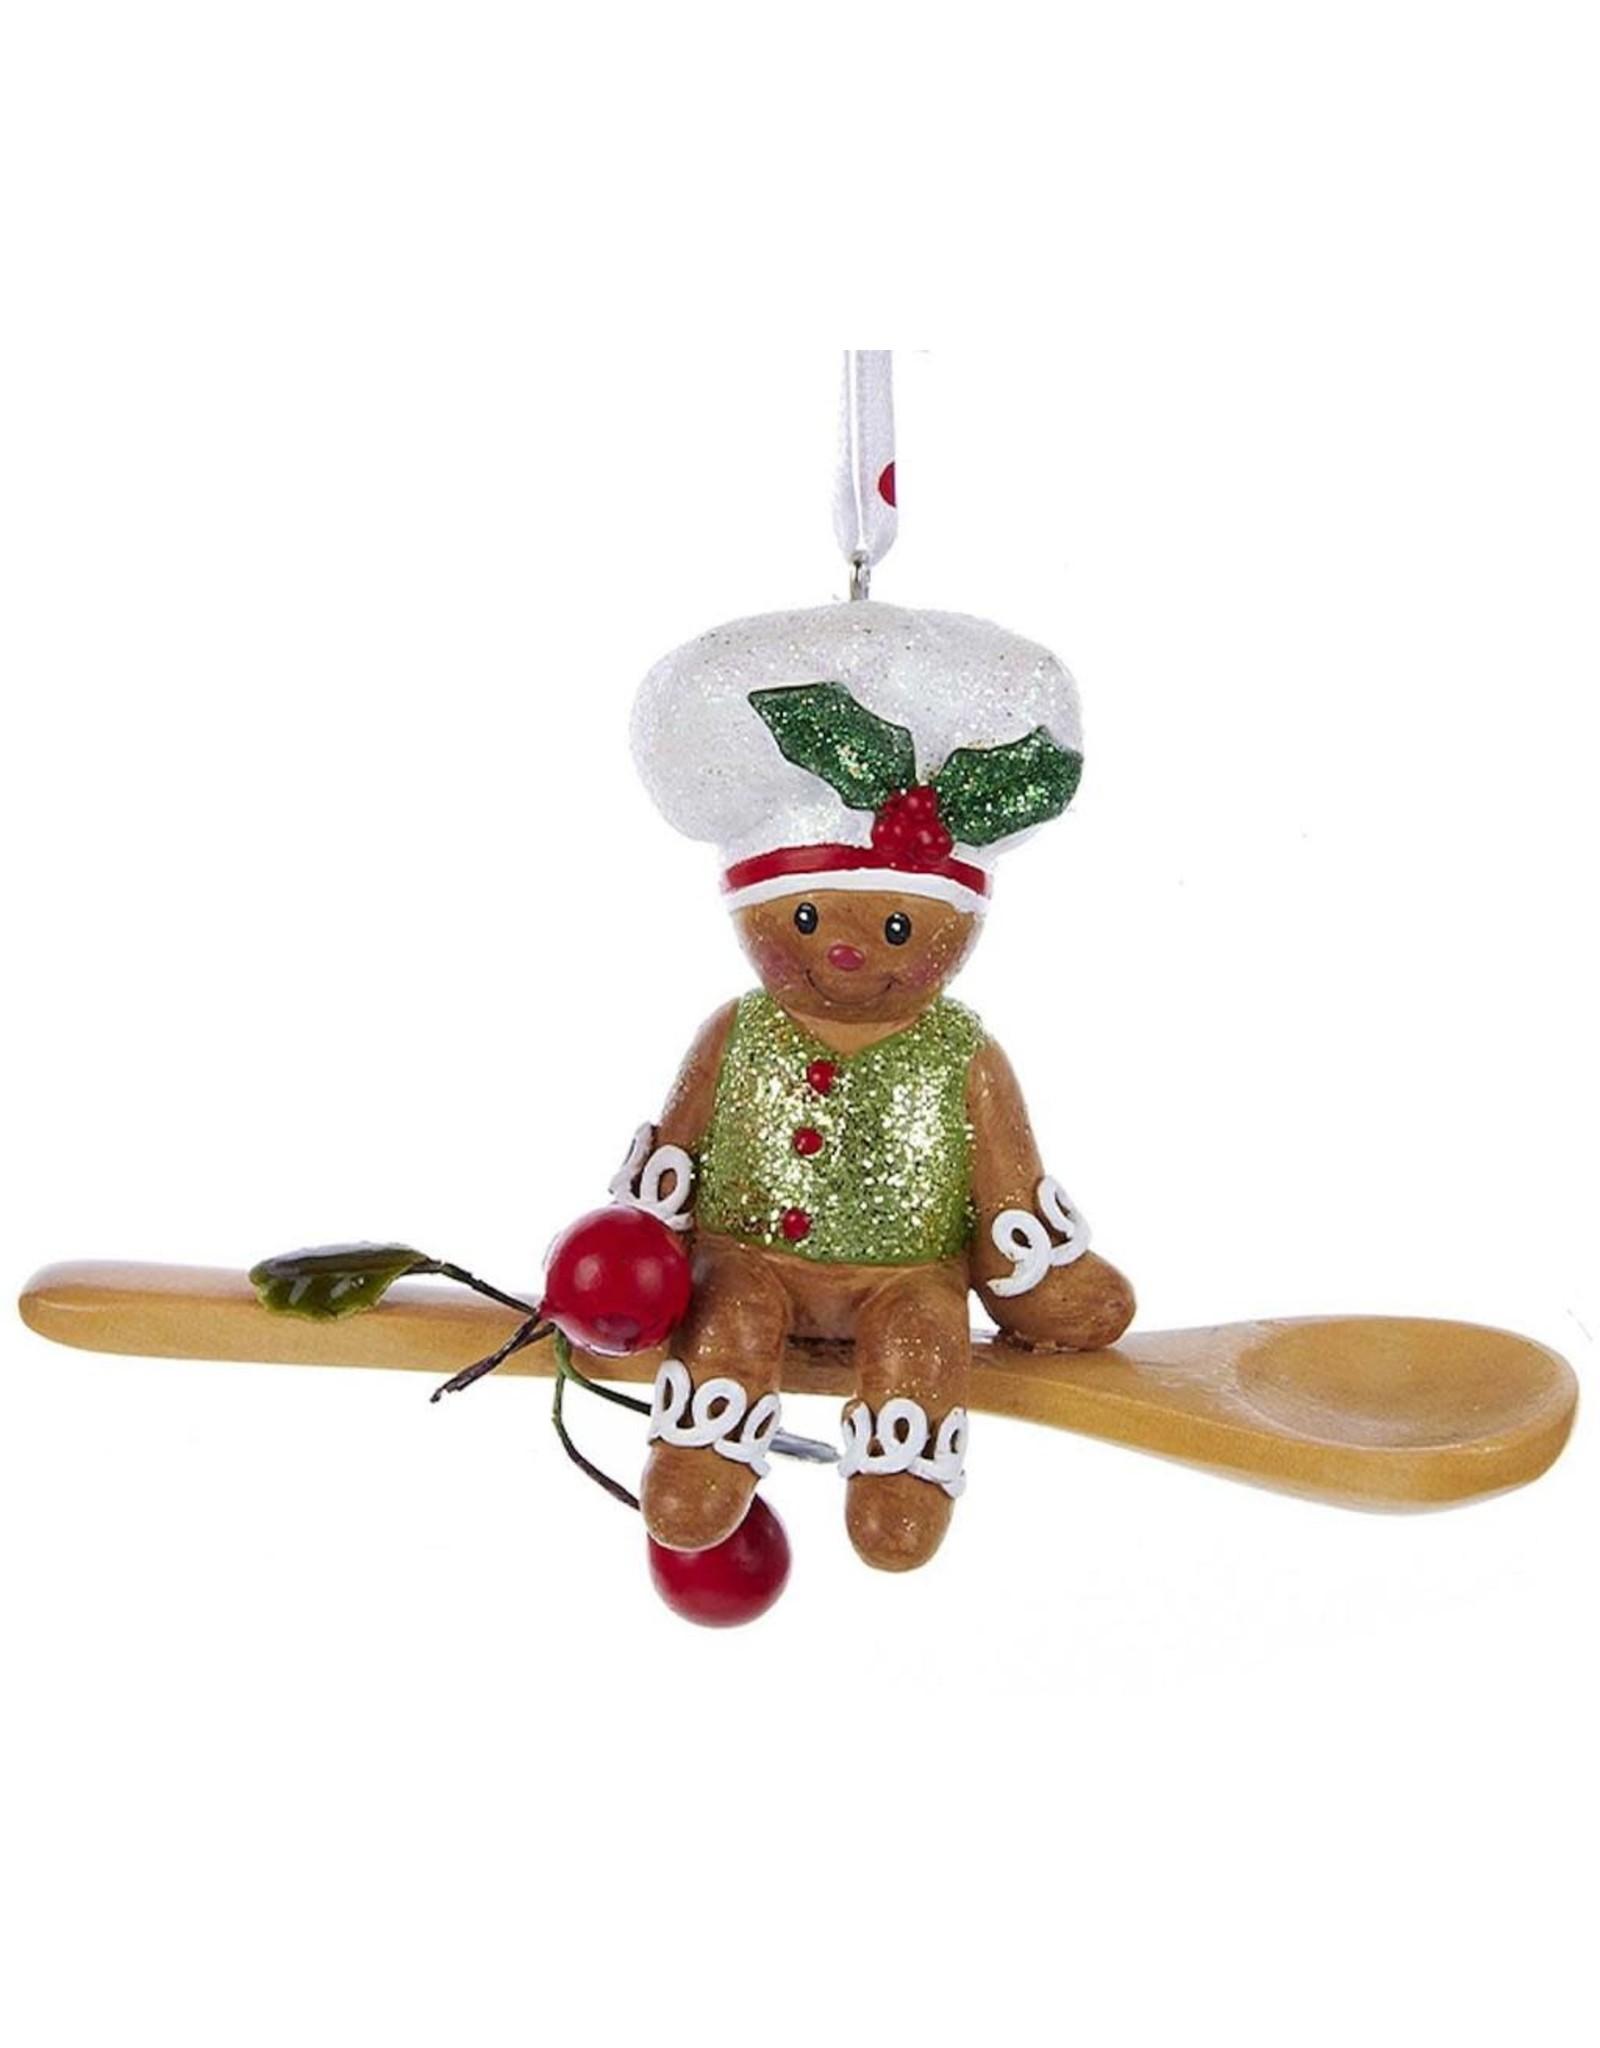 Kurt Adler Gingerbread Chef Boy Utensil Ornament Sitting On Spoon